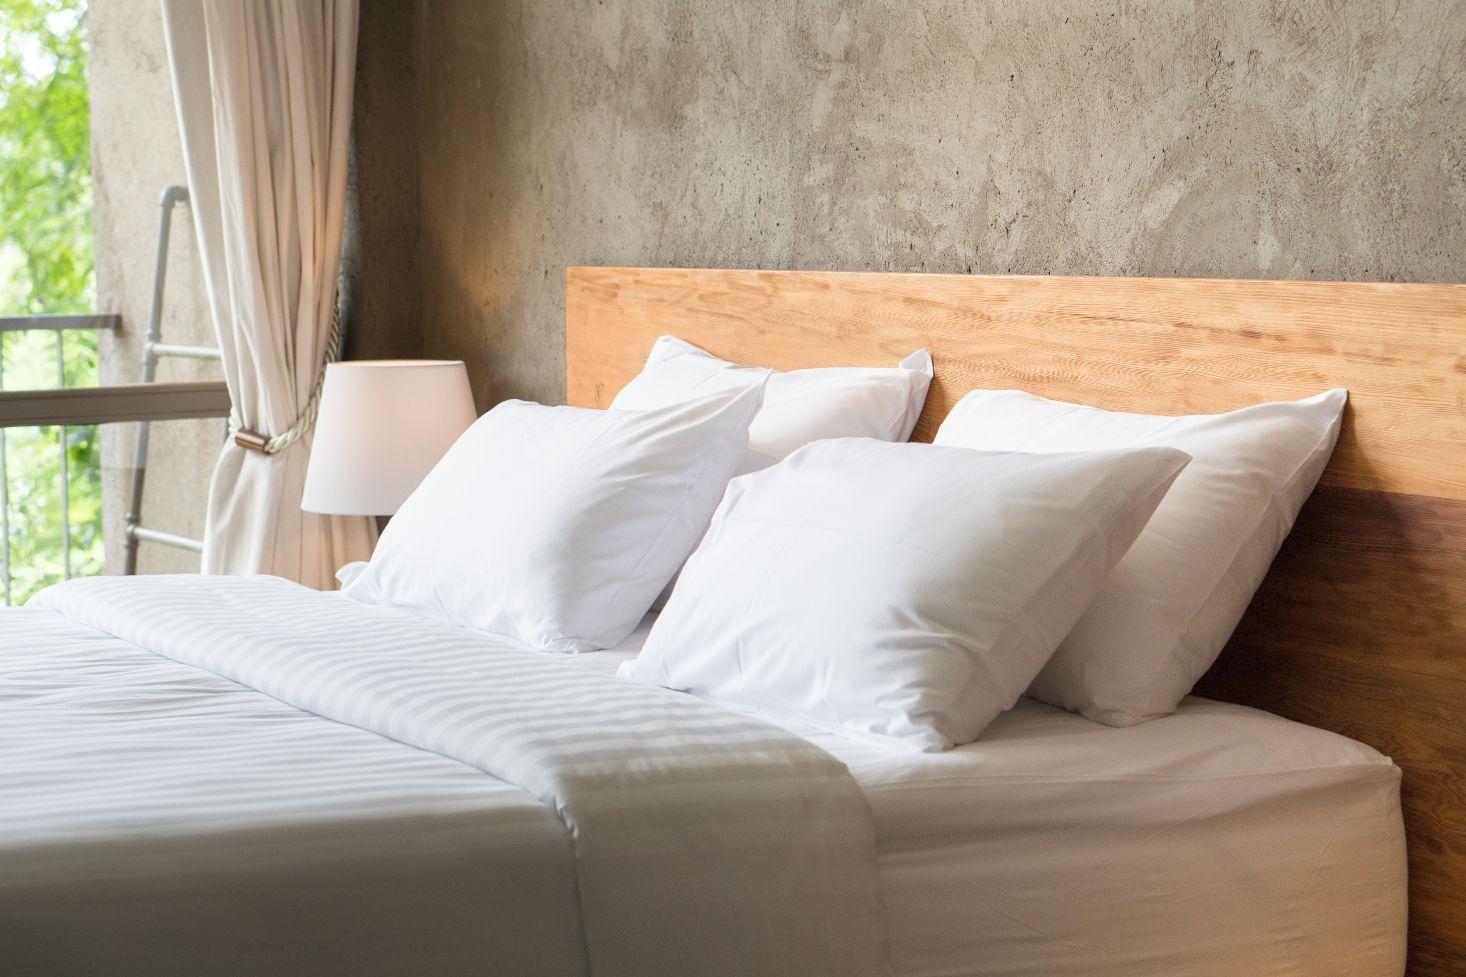 枕を清潔に保つために